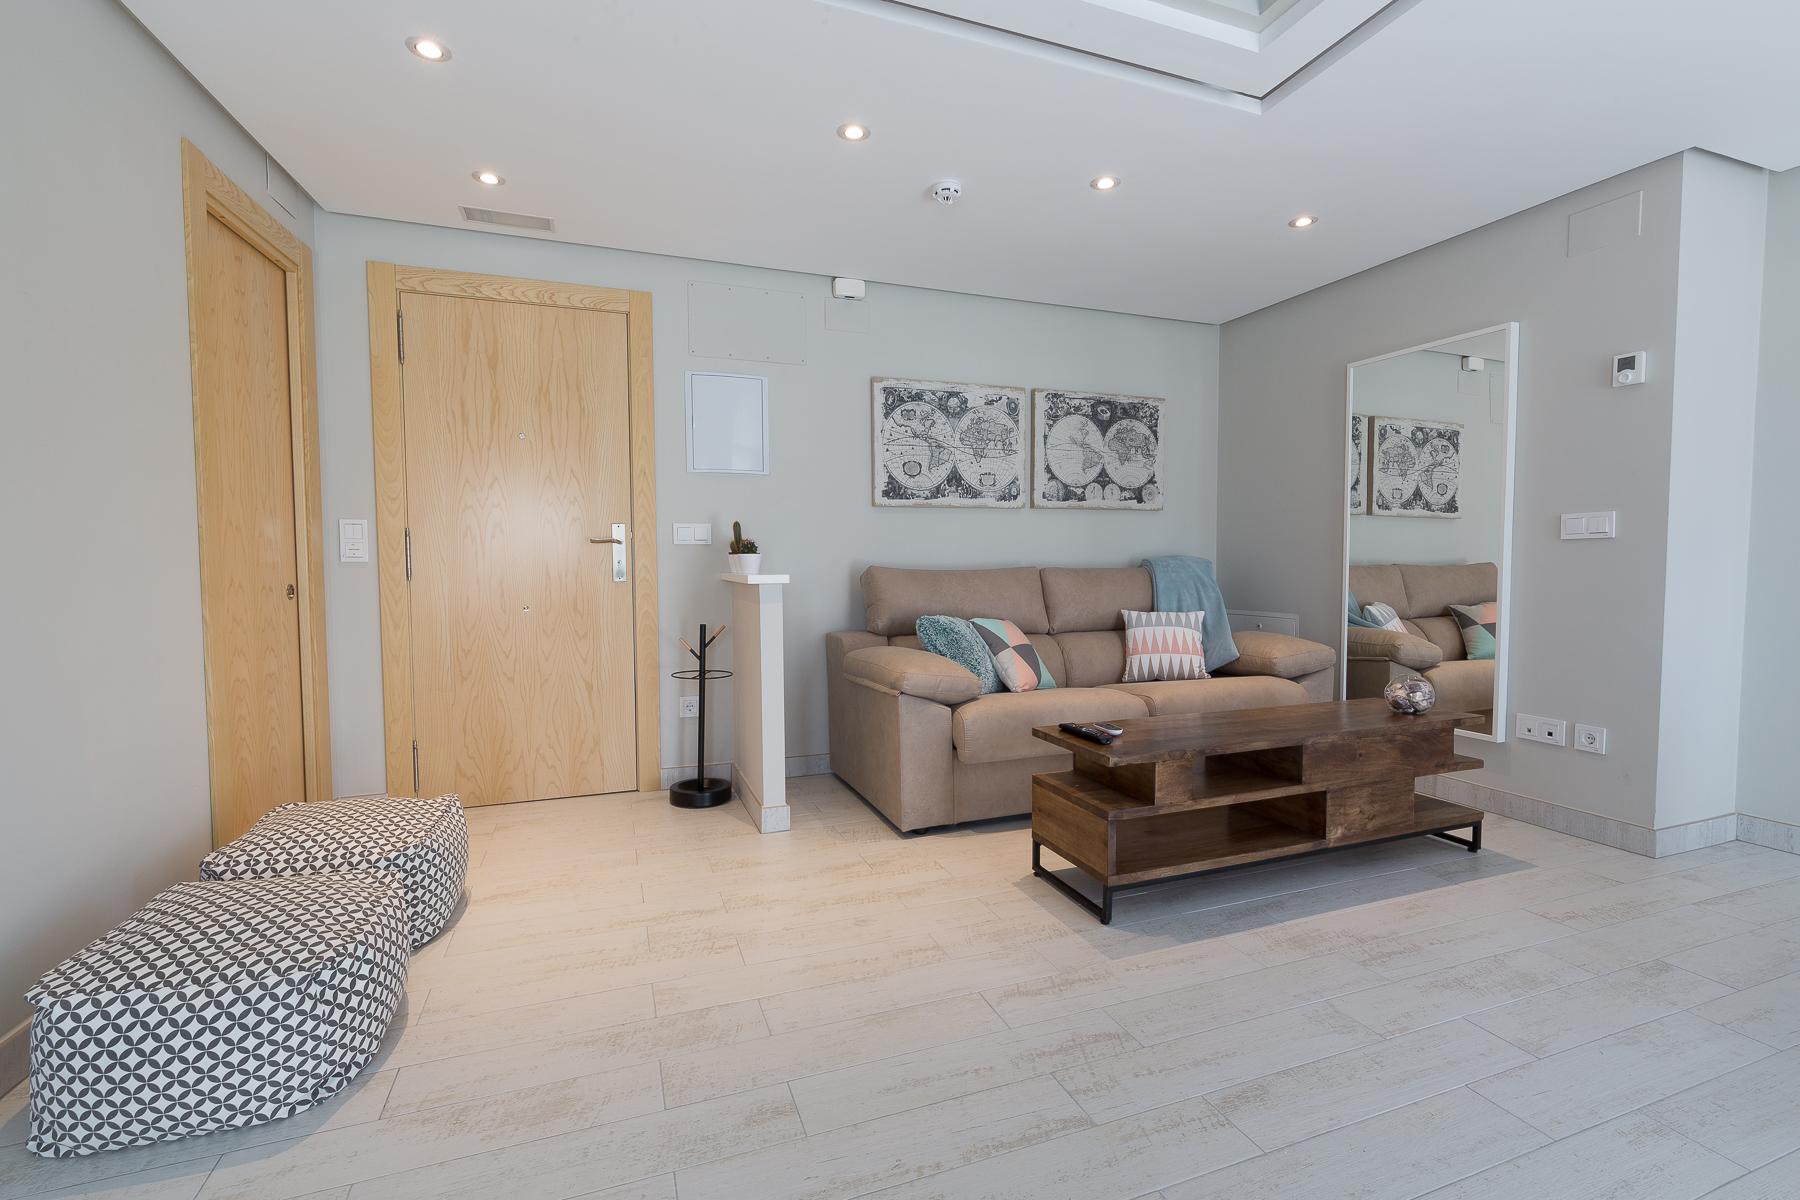 Apartamentos-inloft-leon-creation-1.jpg